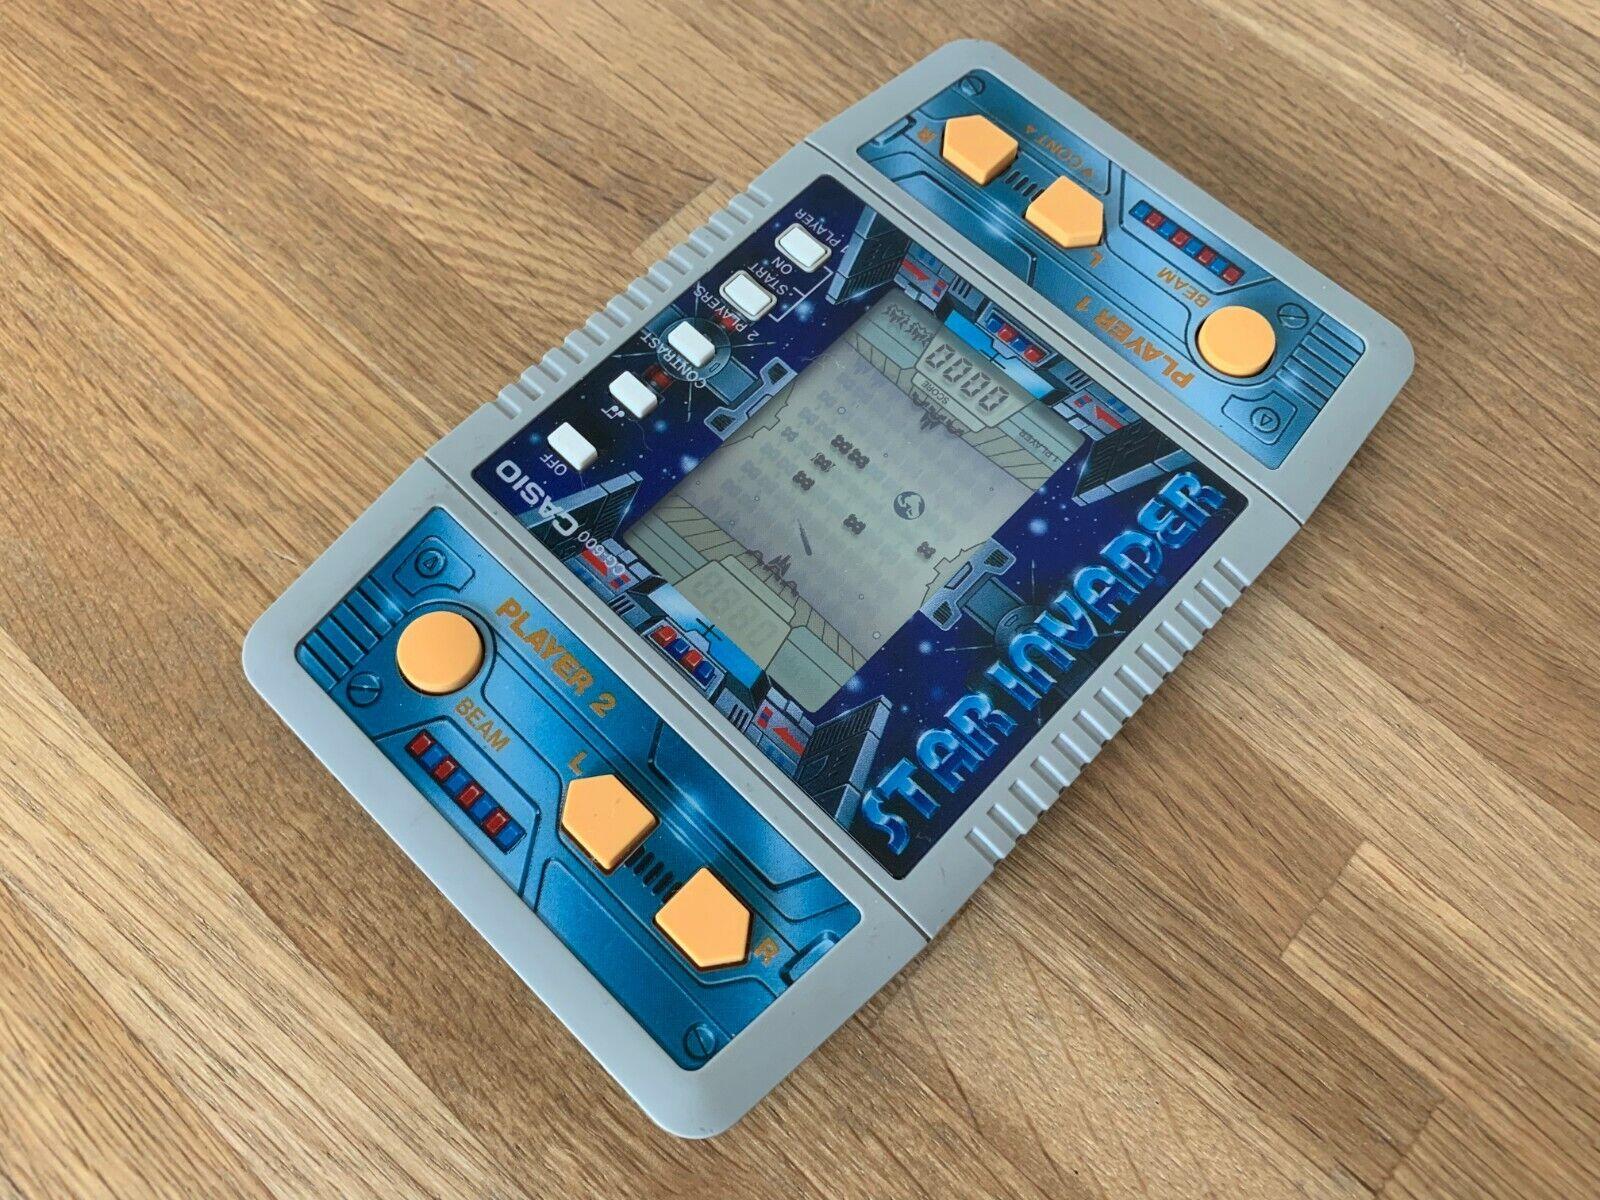 barato y de alta calidad Rare Rare Rare casio esta Estrella Invader 1986 Vintage LCD Portátil Juego Electrónico-Excelente Cond.  marca